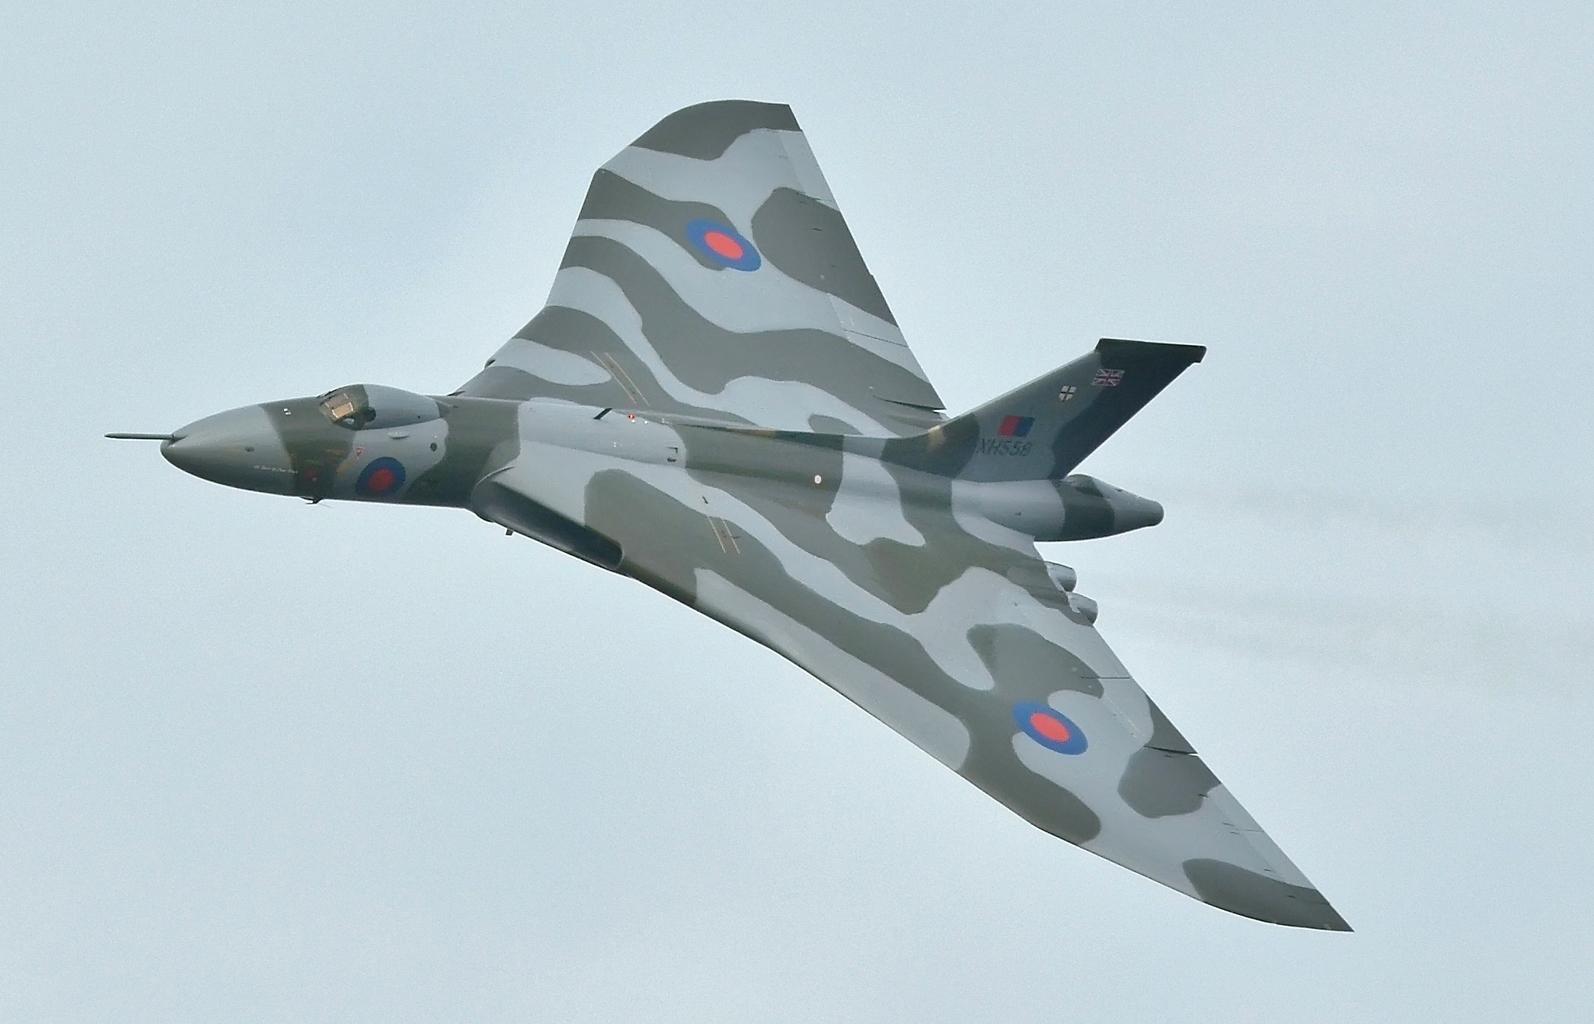 XH558_(G-VLCN)_Avro_Vulcan_-_Last_Flight